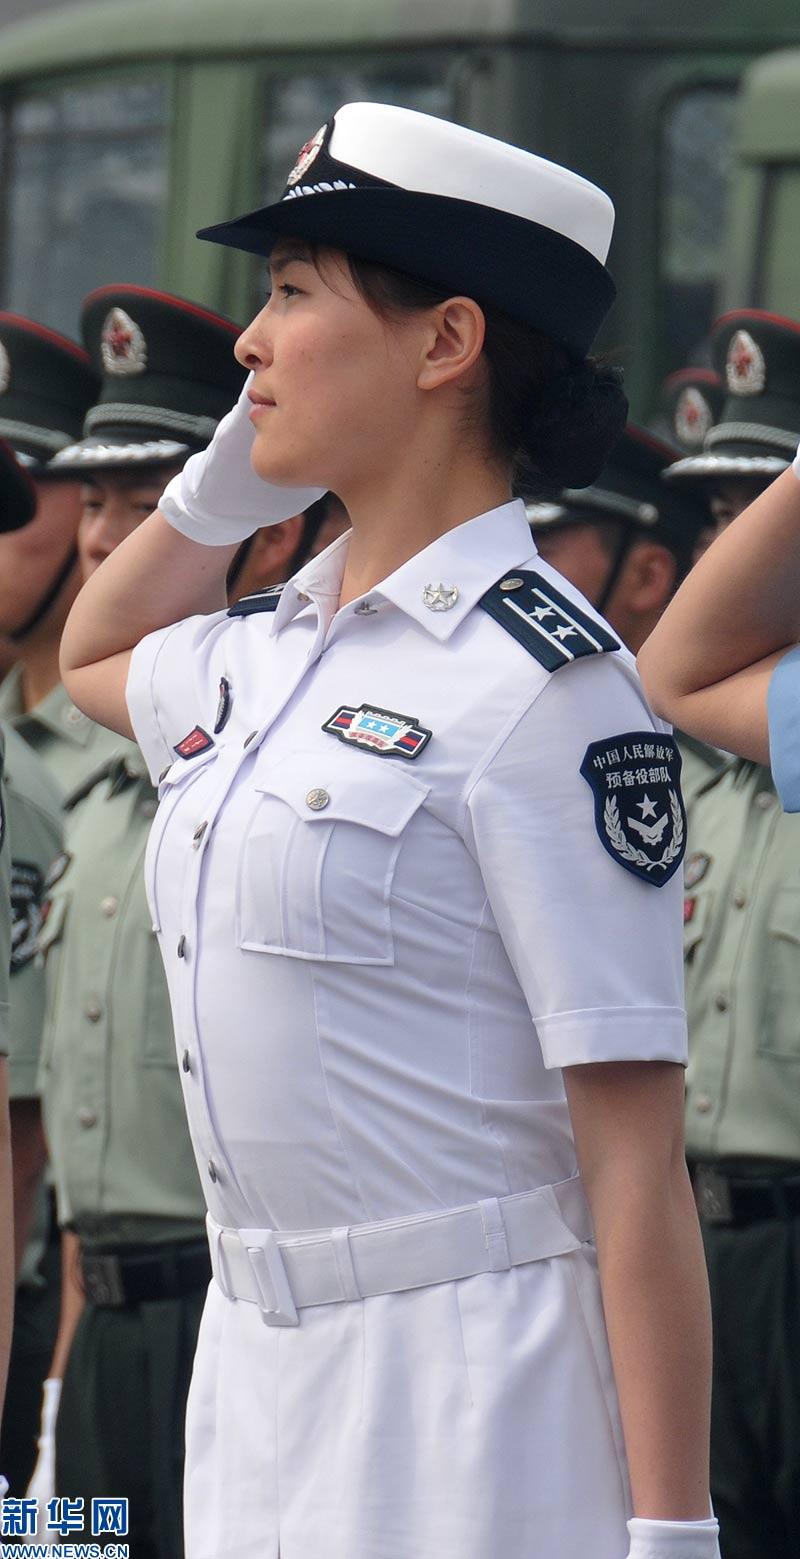 中国预备役部队07式新军服精彩亮相图片